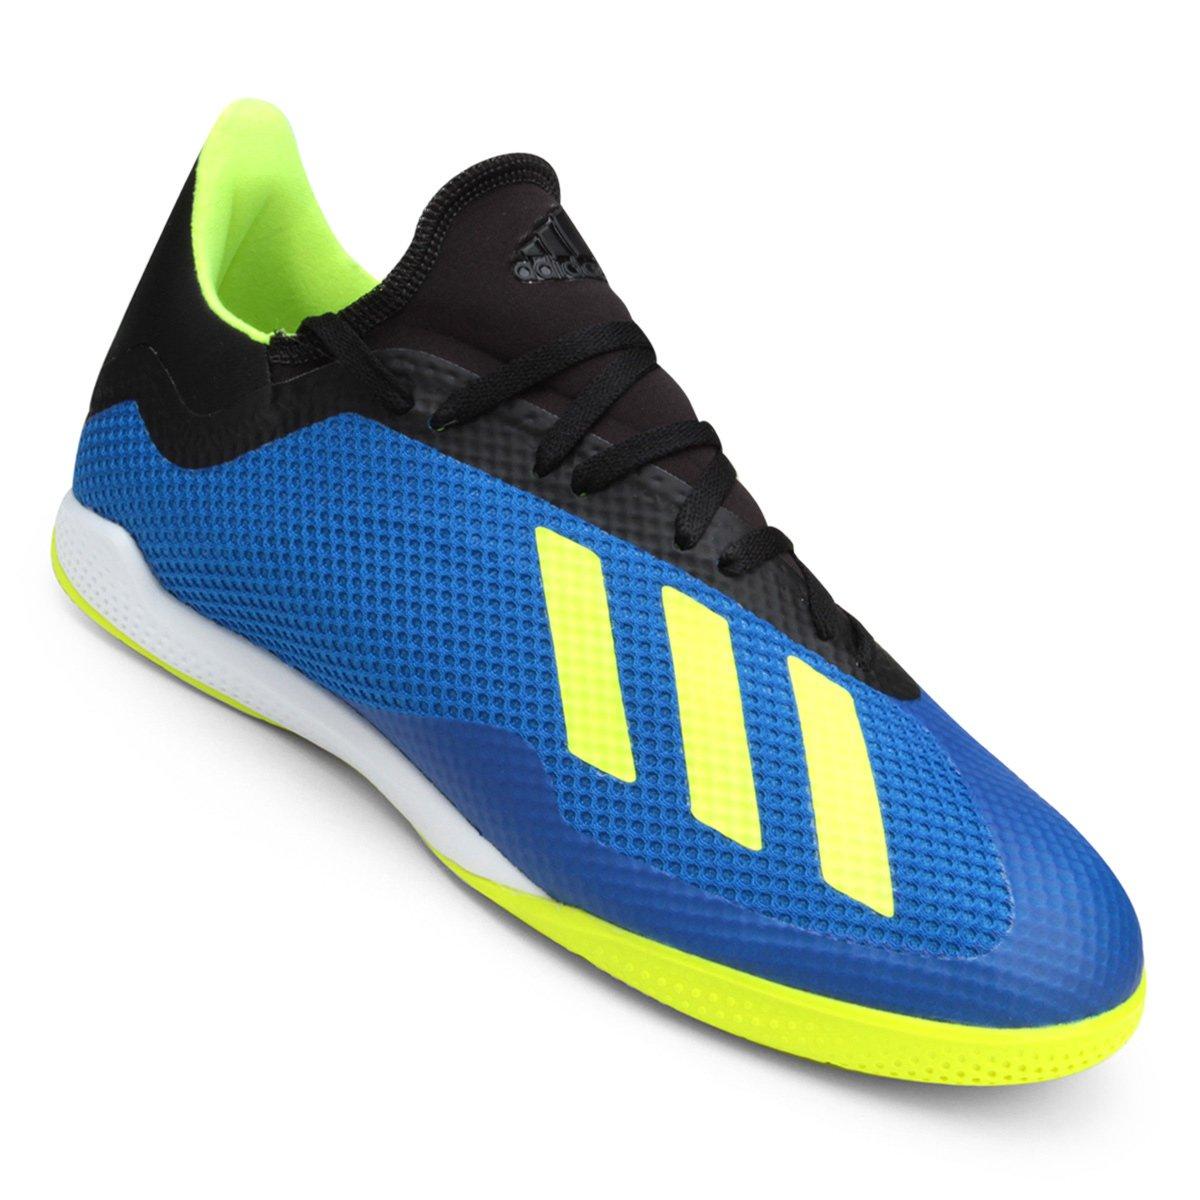 9f9d31bf24 Chuteira Futsal Adidas X Tango 18 3 IN - Azul e amarelo